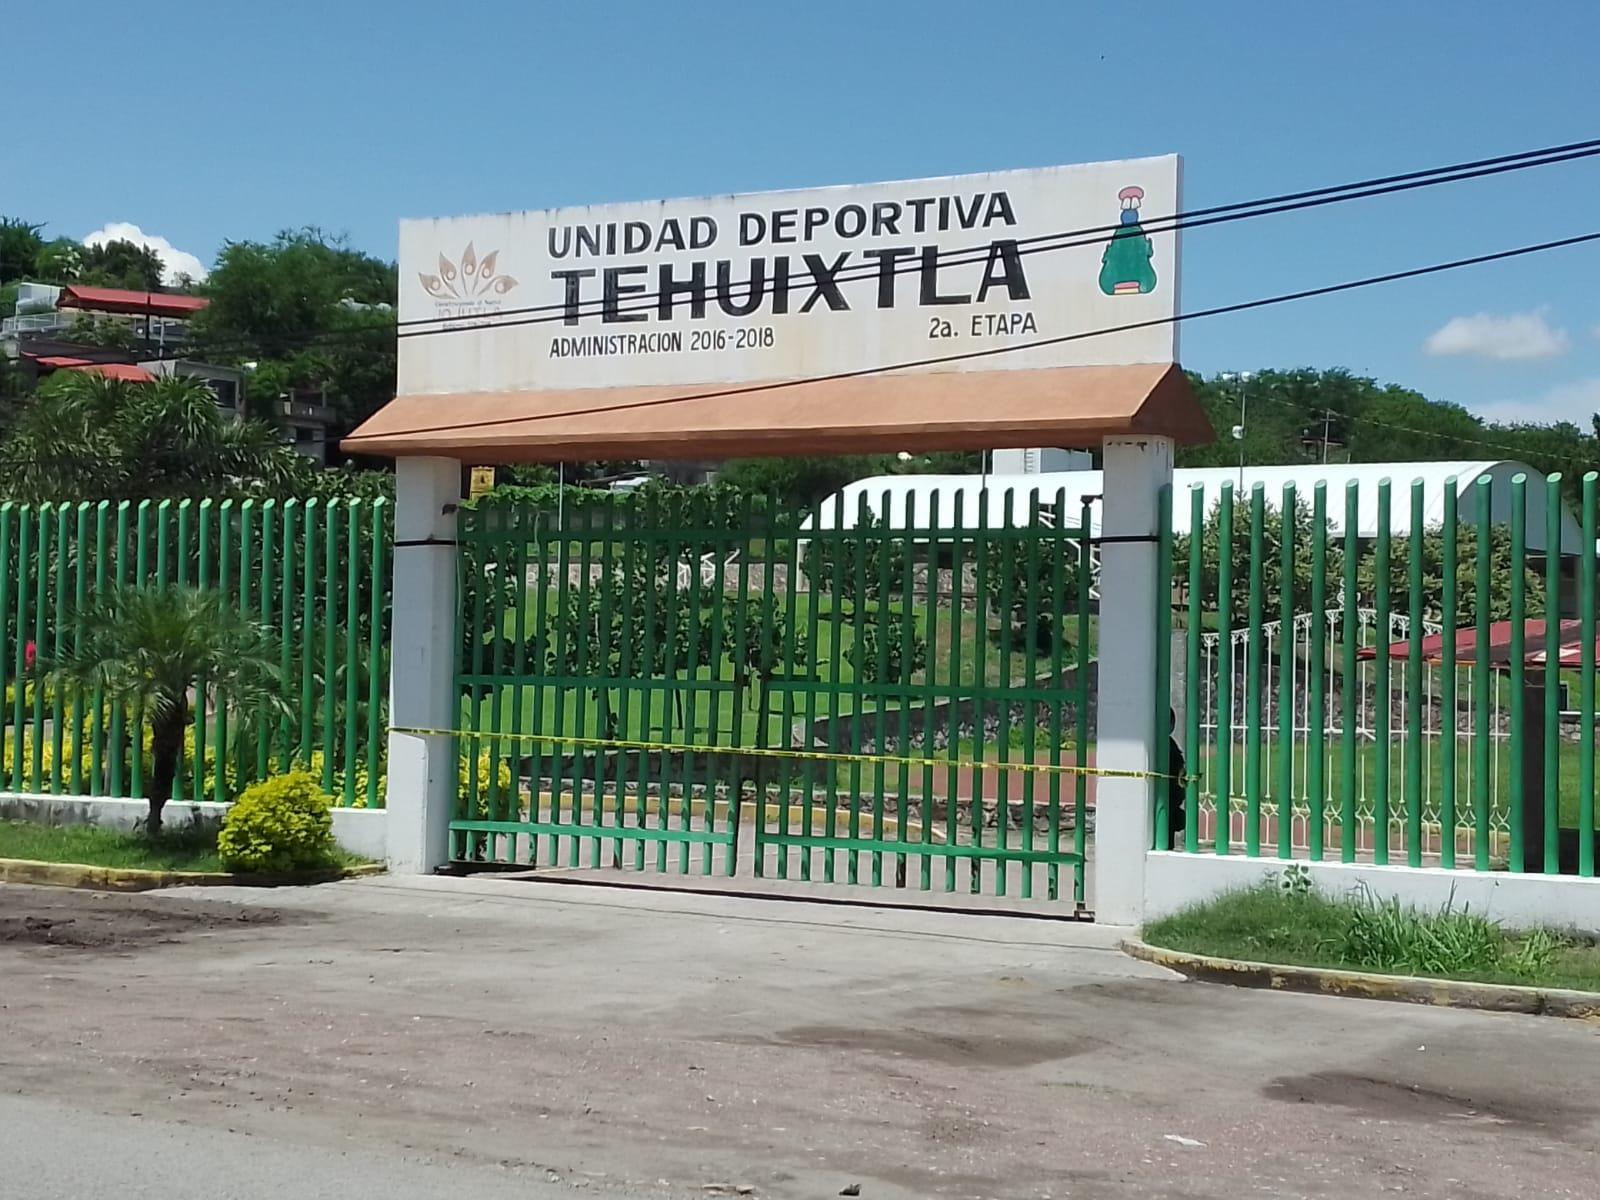 Un muerto y tres heridos dejó balacera en la Unidad Deportiva de Tehuixtla - Jojutla donde el agresor se dio a la fuga